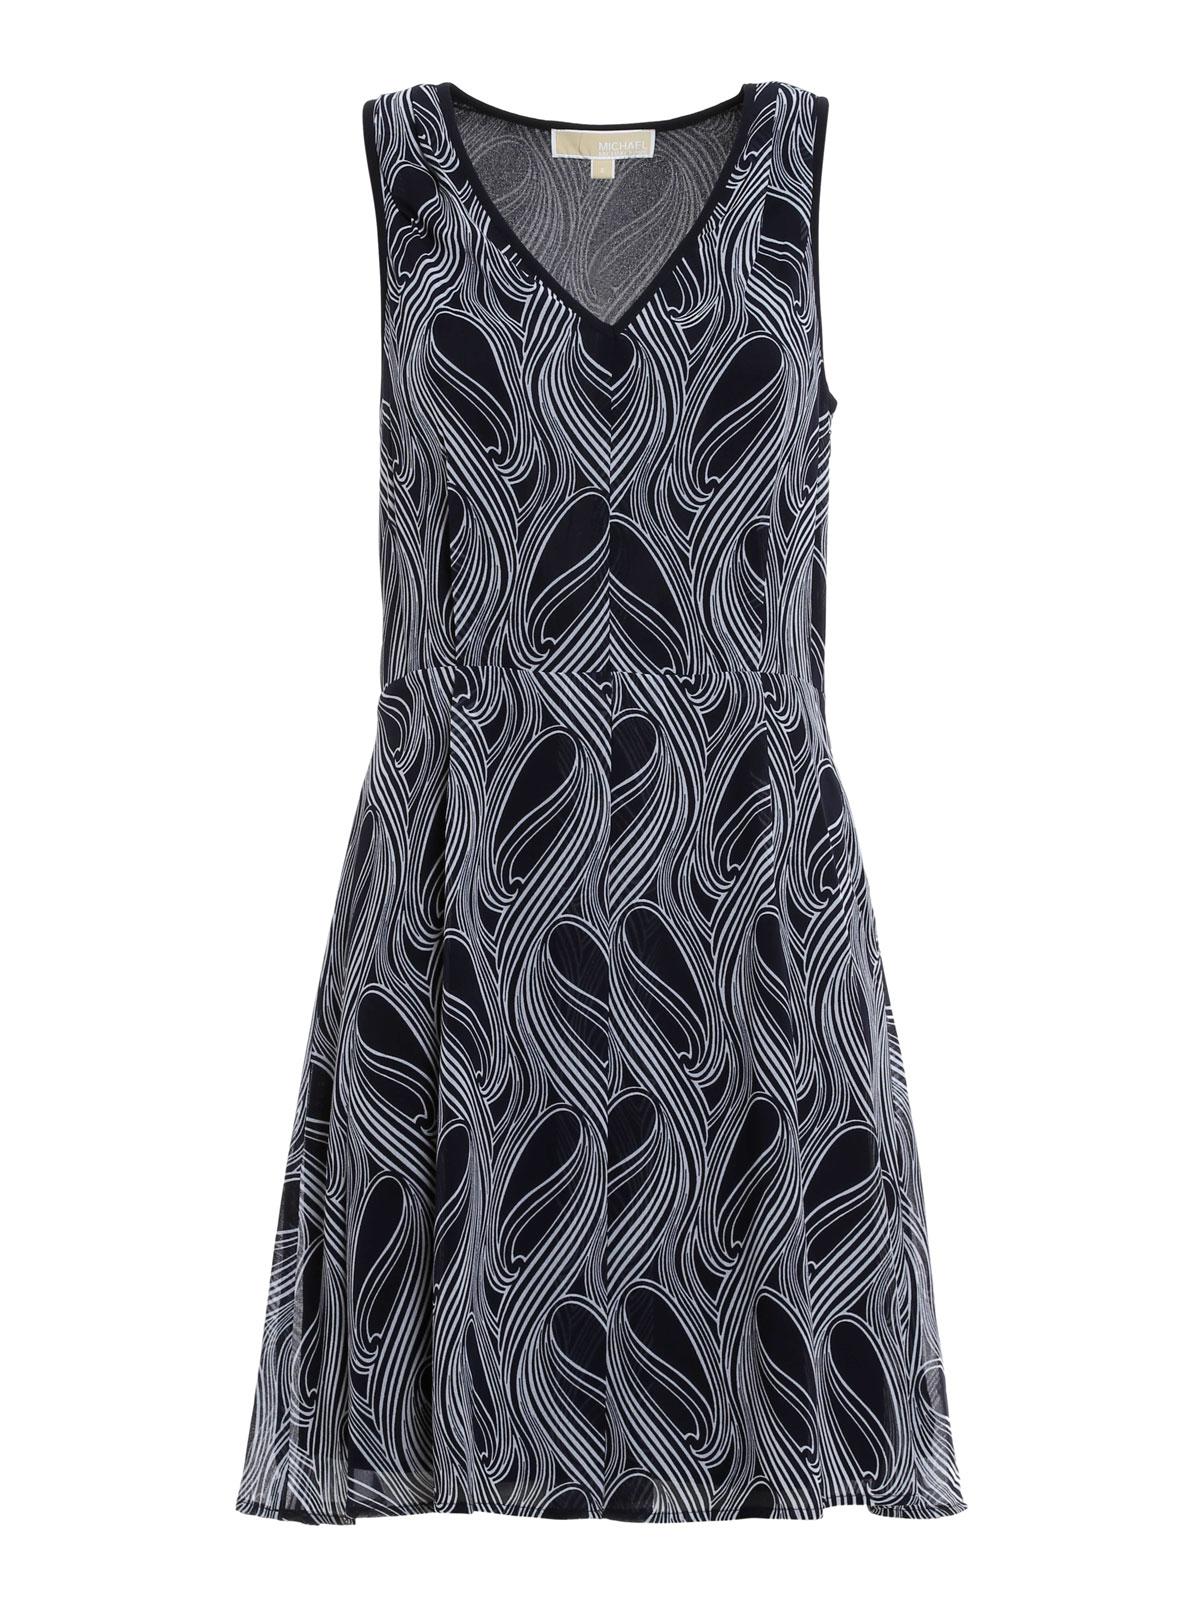 Patterned flared dress by michael kors short dresses ikrix for Short flared wedding dress